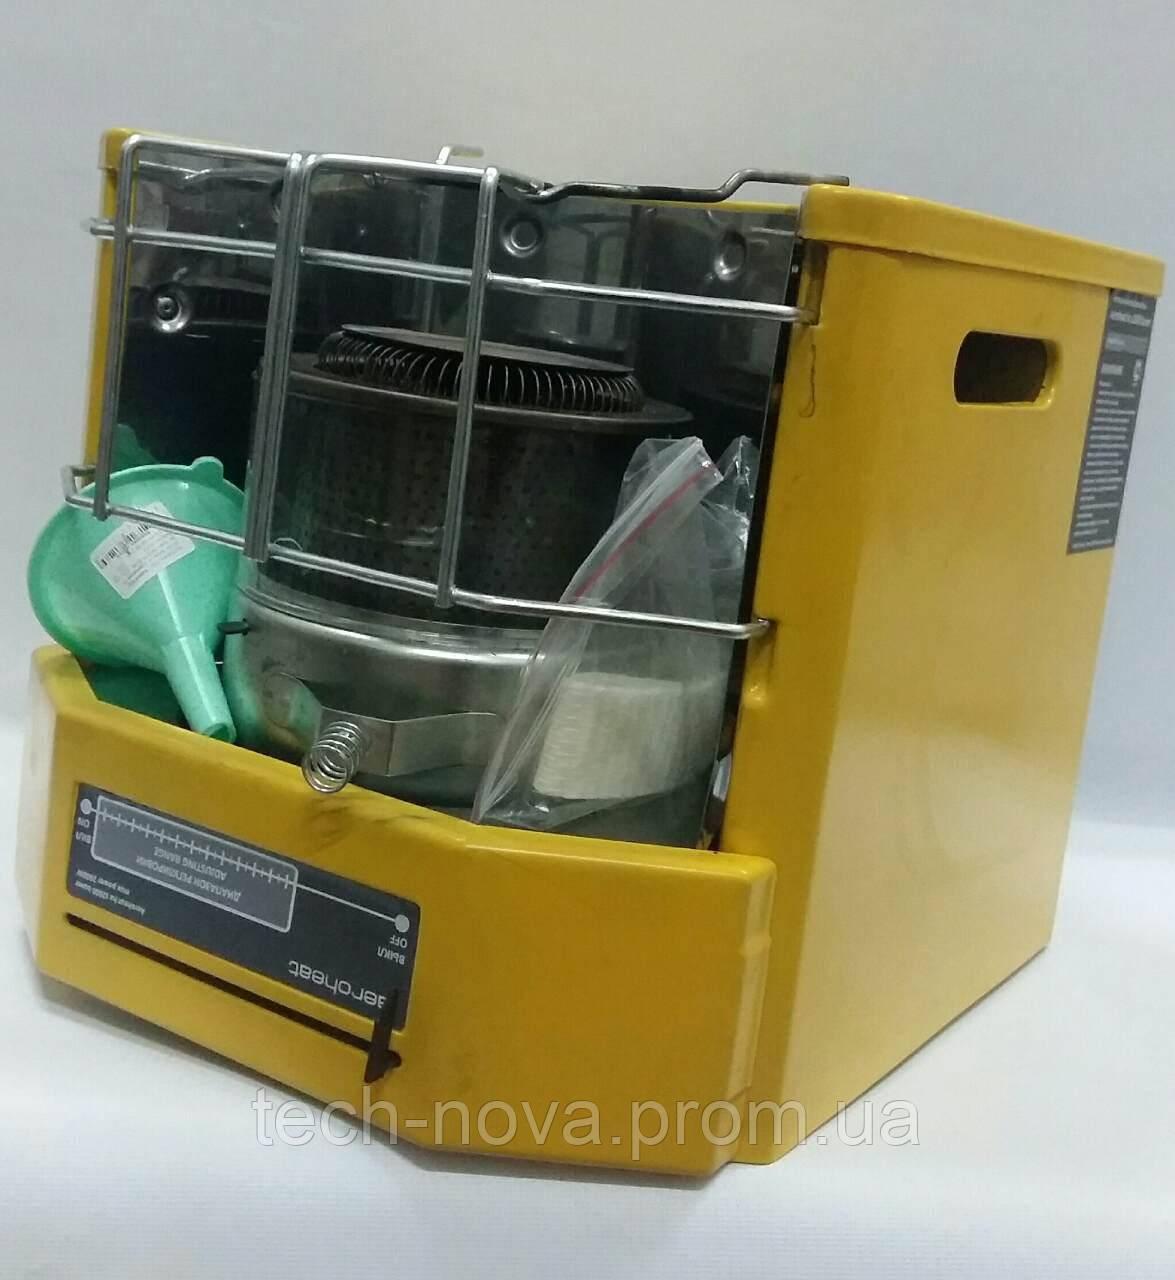 Обогреватель на дизельном топливе Aeroheat НА S2600 boxer (уценка БУ) - TechNOVA — интернет магазин бытовой техники, гарантия, доставка по Украине. в Киеве